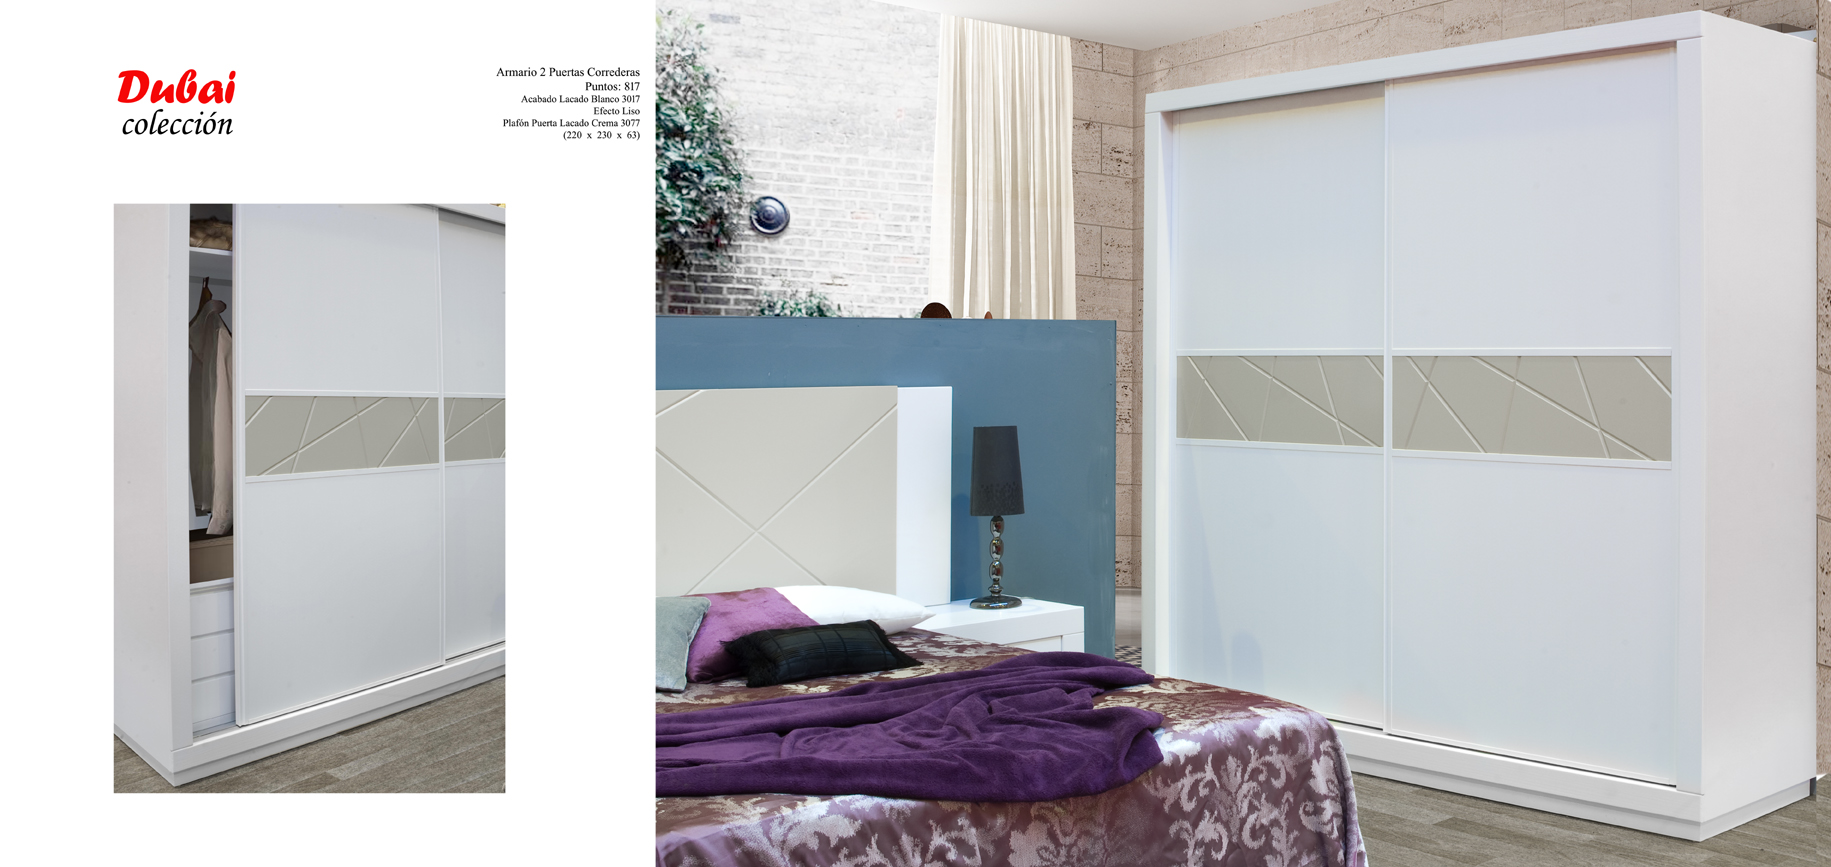 07 Dubai Dormitorio Muebles los barriales